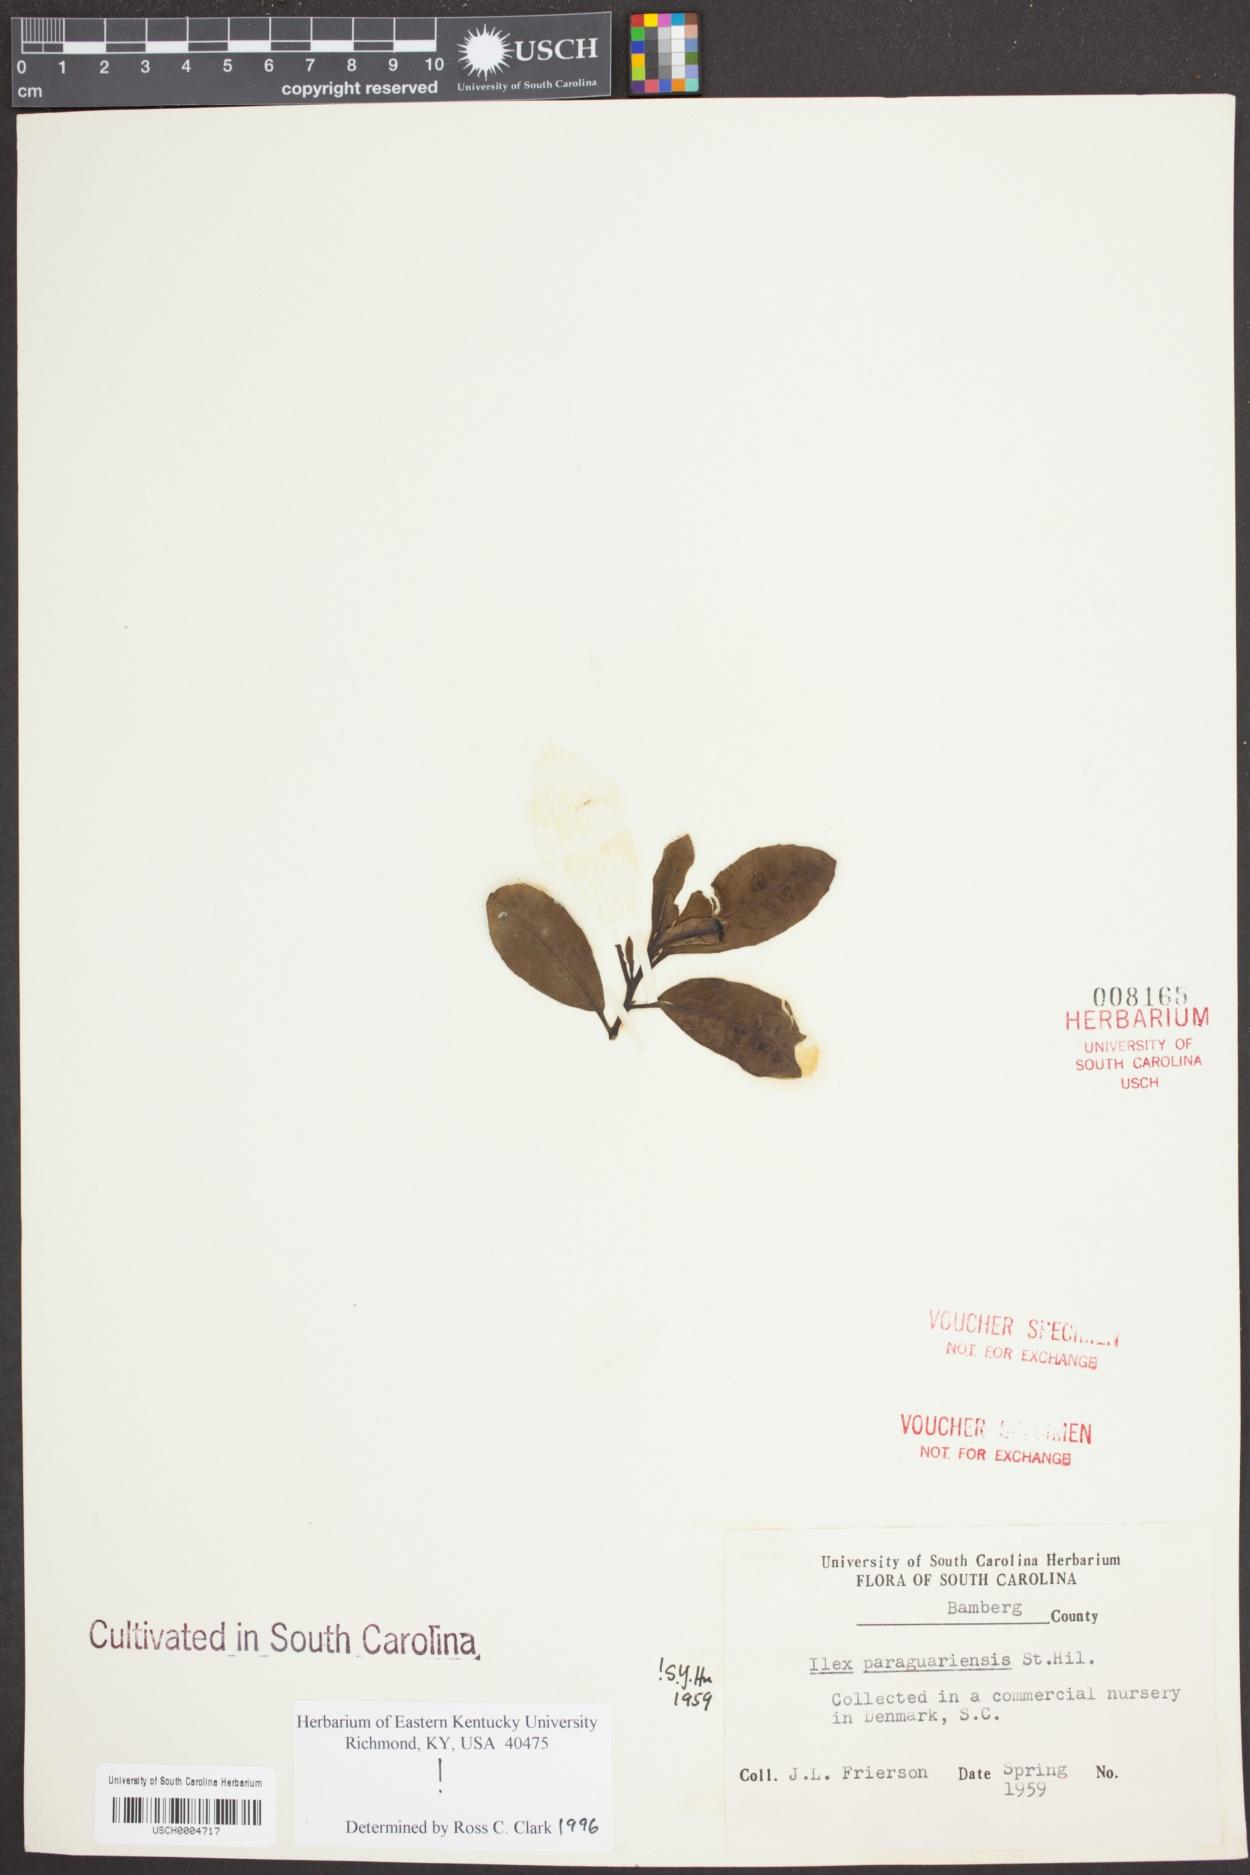 Ilex paraguariensis image